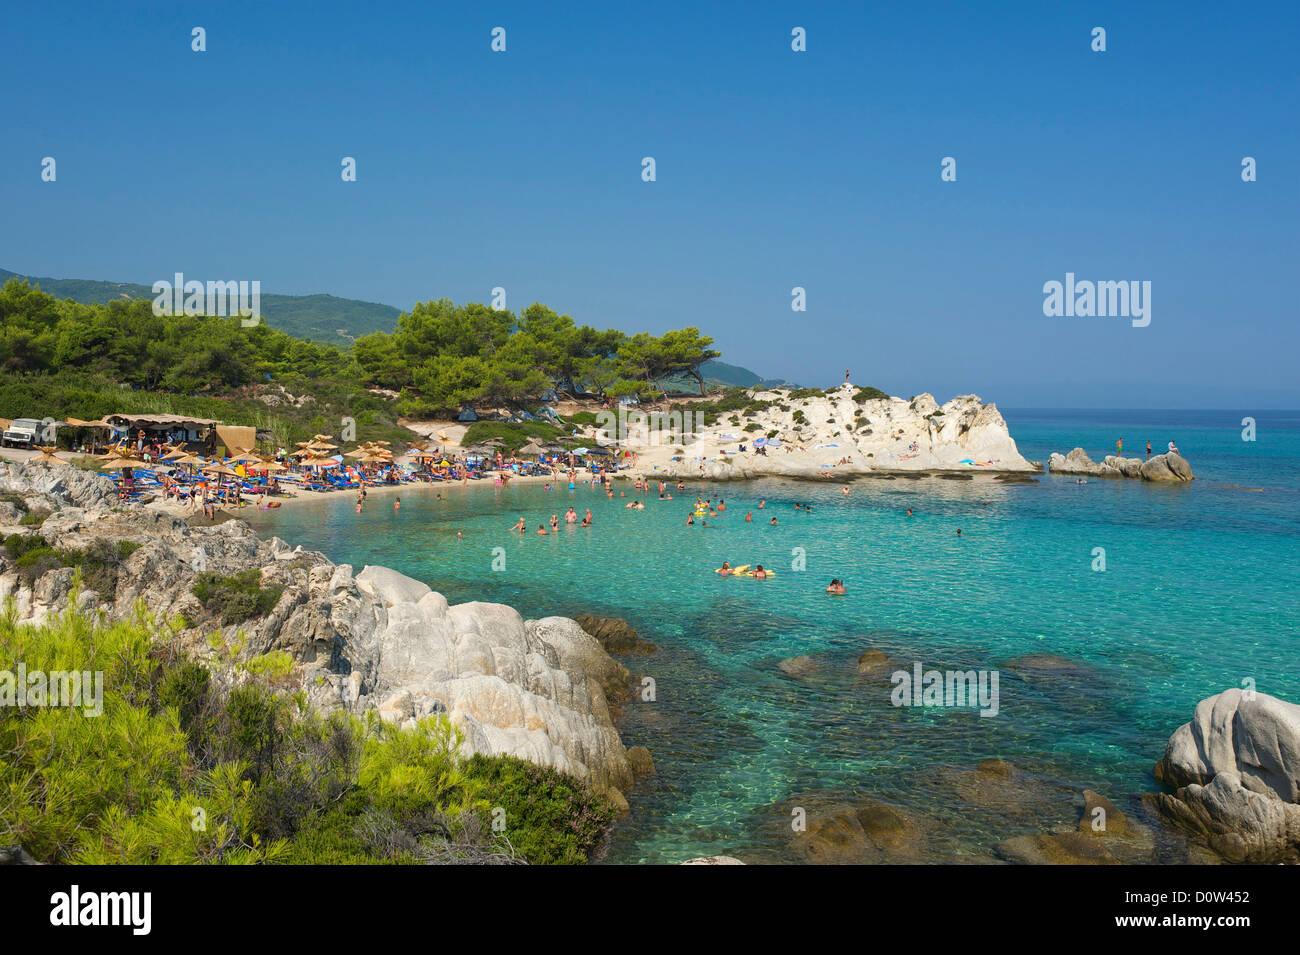 Chalkidiki, Greece, Halkidiki, Travel, vacation, Europe, European, day, Portokali Beach, Kavourotypes, Sithonia, Stock Photo